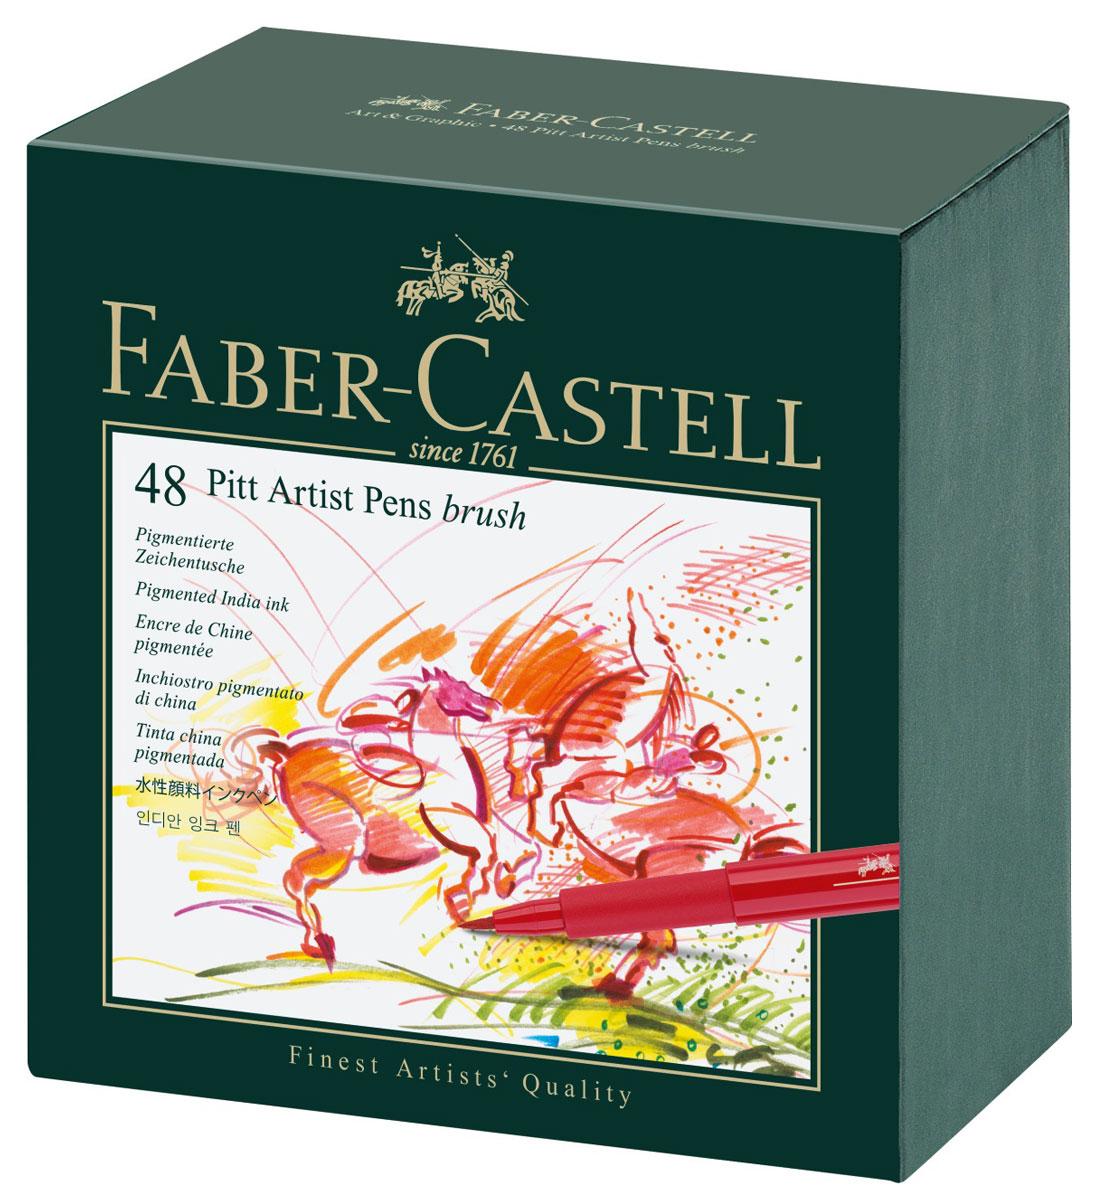 Faber-Castell Ручка капиллярная Pitt Artist Pen 48 шт72523WDКапиллярные ручки Faber-Castell Pitt Artist Pen станут незаменимым атрибутом учебы или работы.Корпус ручек выполнен из прочного пластика. Корпус выполнен в цвете чернил. Высококачественные PH-нейтральные чернила устойчивы к воздействию солнечных лучей, после высыхания не размазываются на бумаге. Ручки оснащены упругим клипом для удобной фиксации на бумаге или одежде. Набор упакован в практичную коробку с откидывающейся крышкой. В коробке предусмотрена специальная лента, потянув за которую, выезжают четыре полочки с цветными ручками. В наборе 48 ручек разного цвета.